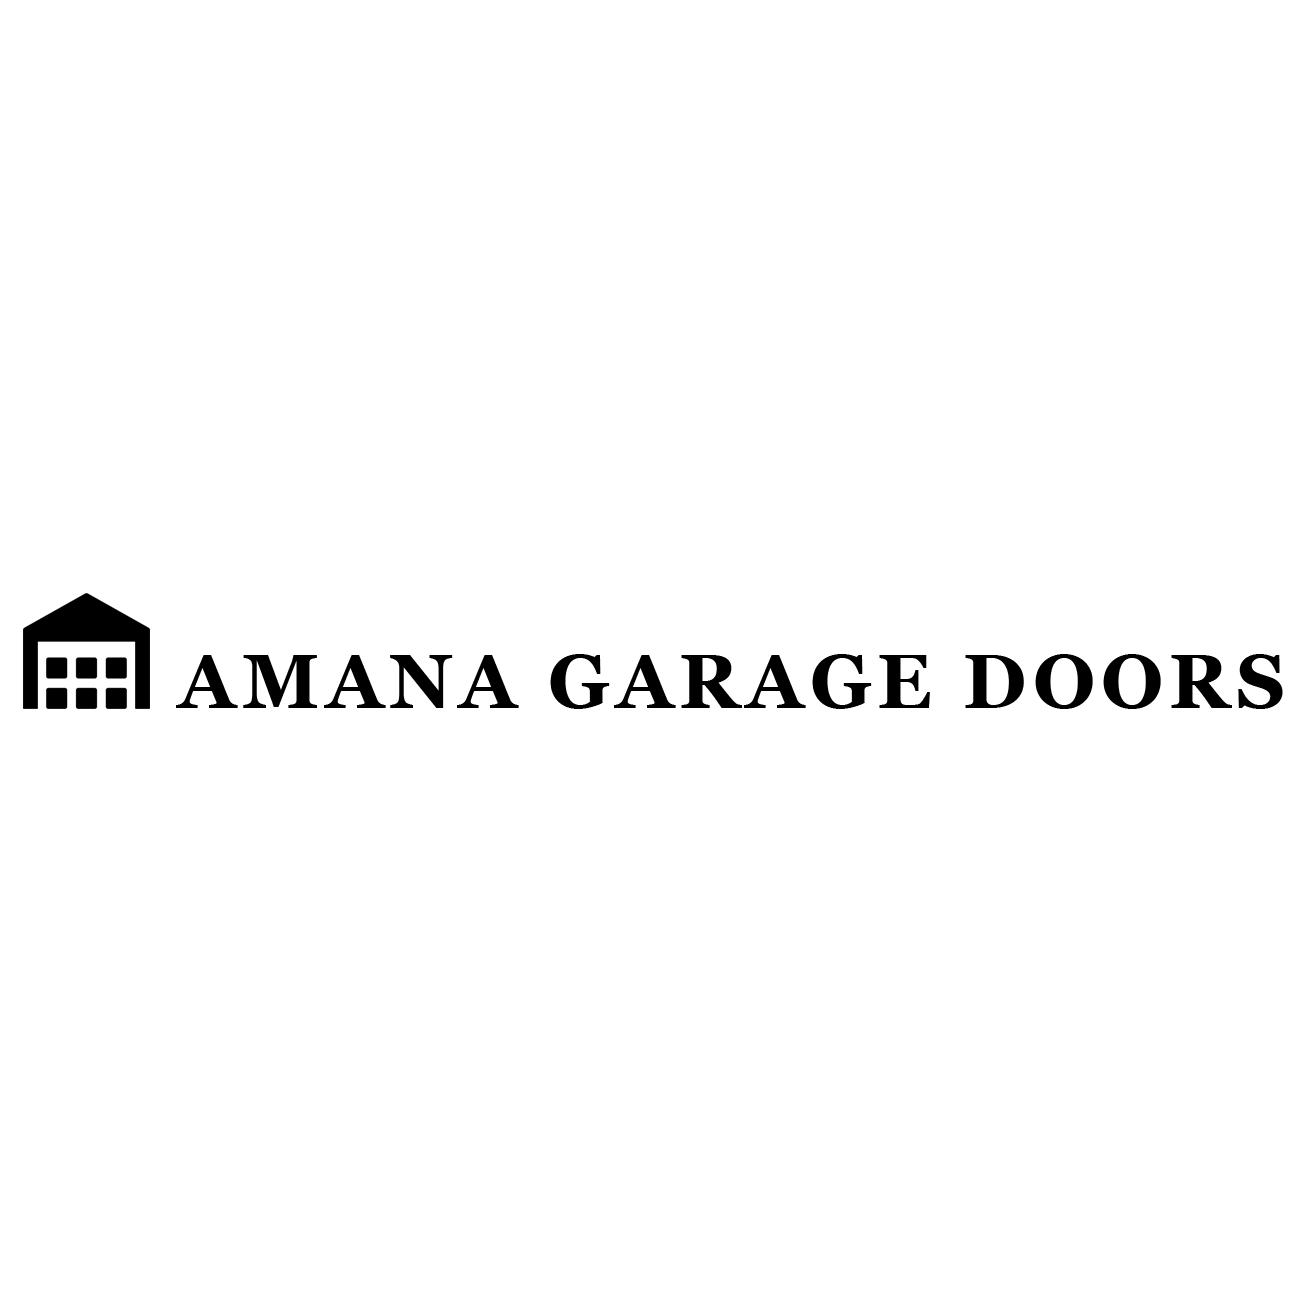 Amana Garage Doors image 7